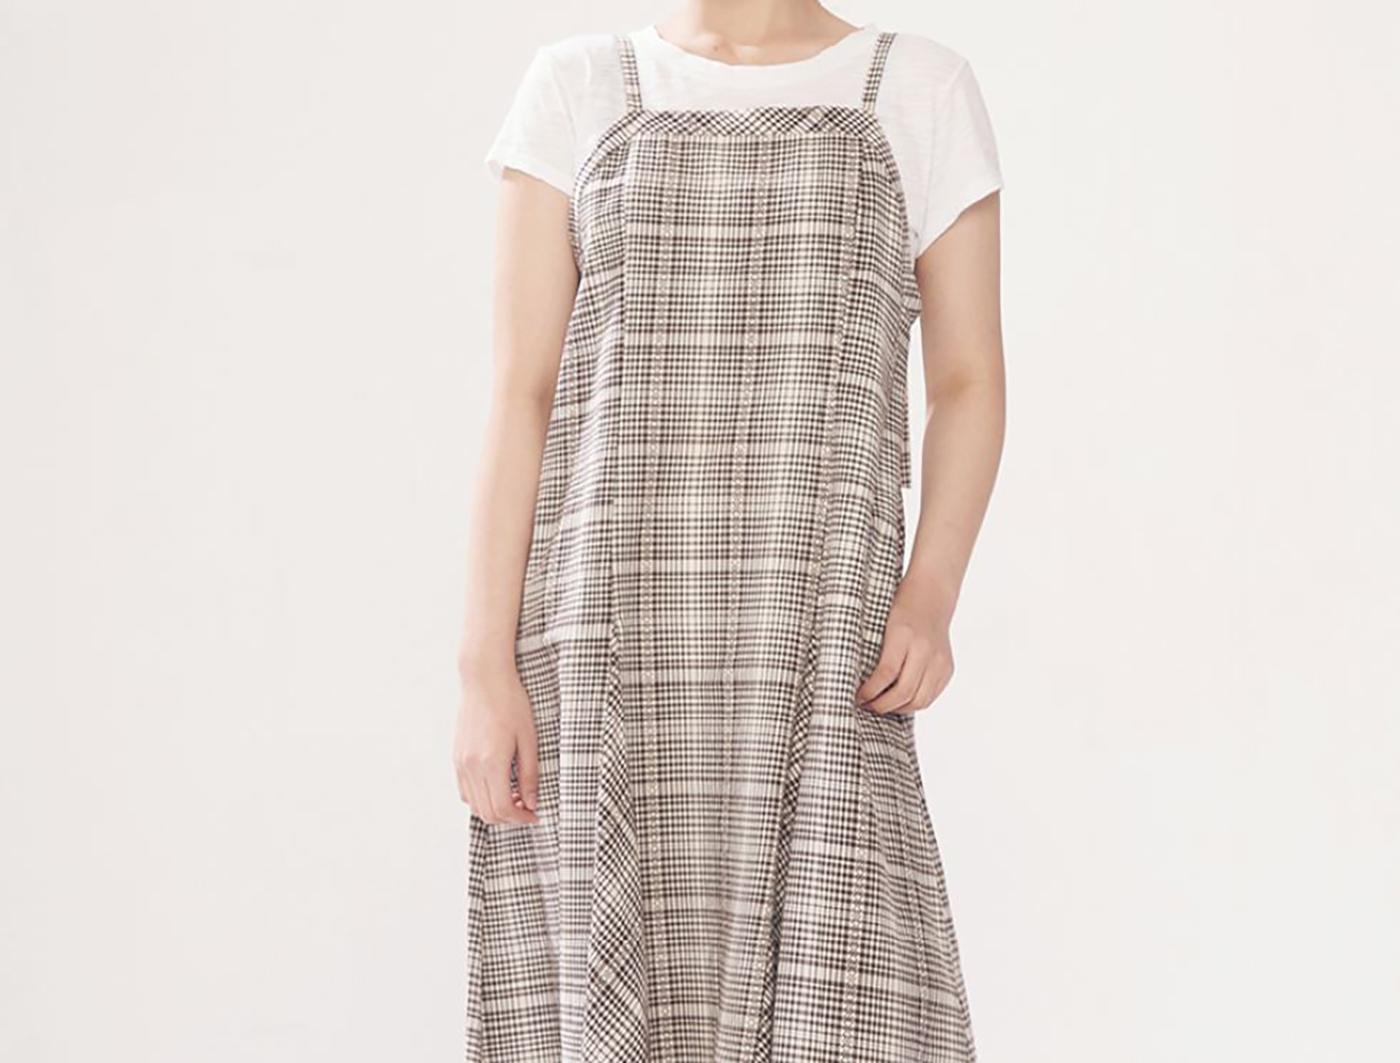 산타페 드레스/넉넉하고 세련된 산타페 드레스 상세이미지1